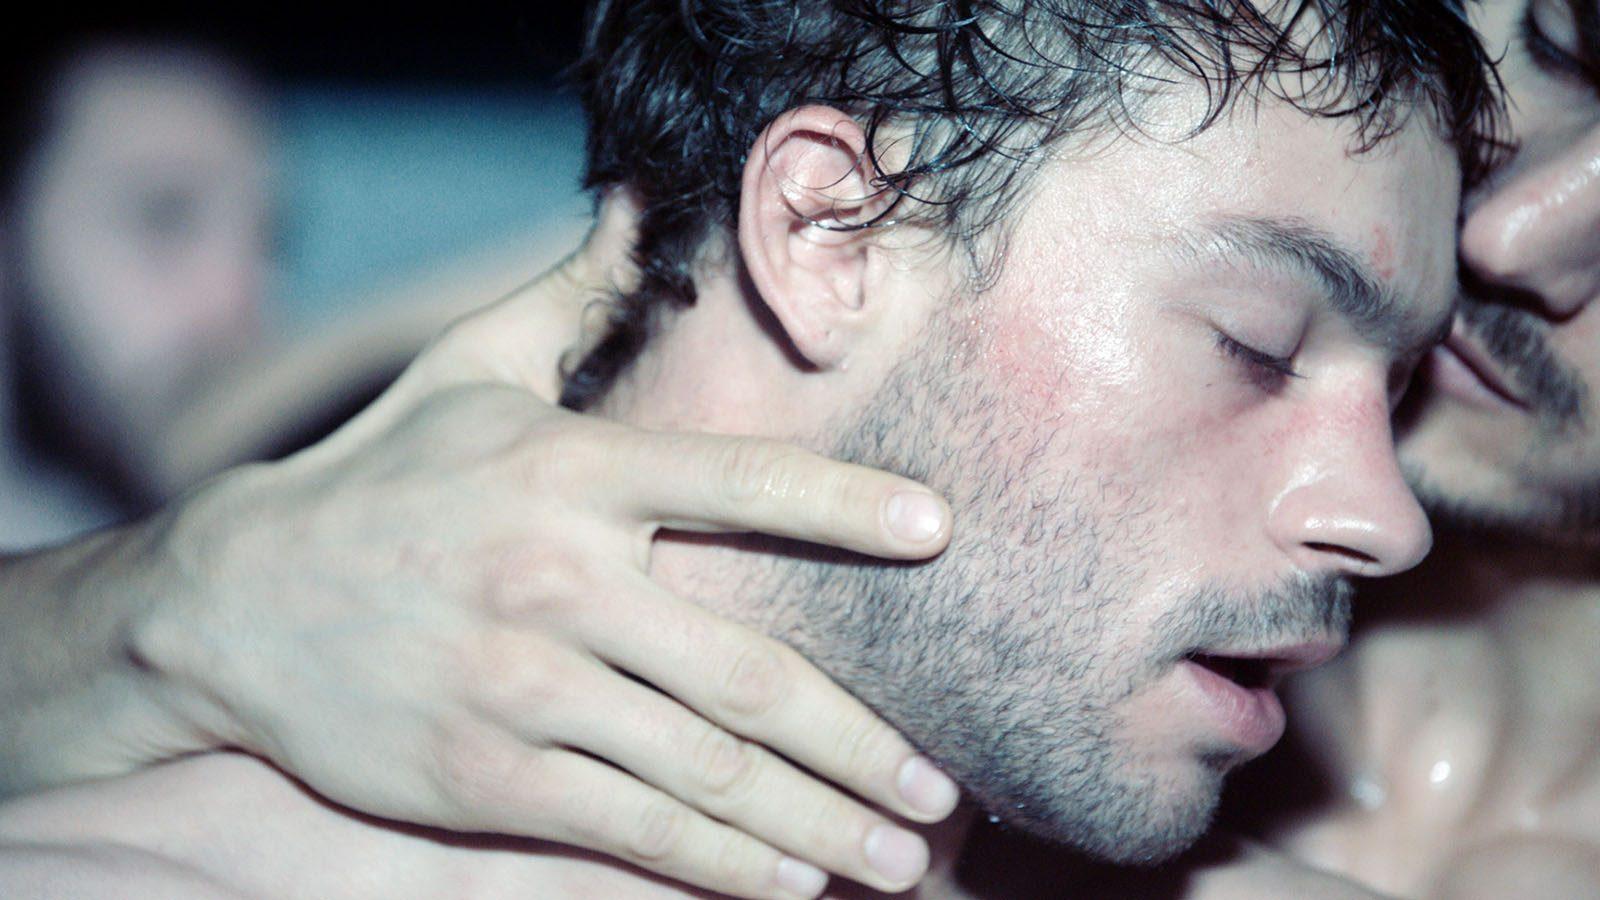 """Résultat de recherche d'images pour """"sauvage camille vidal naquet"""""""